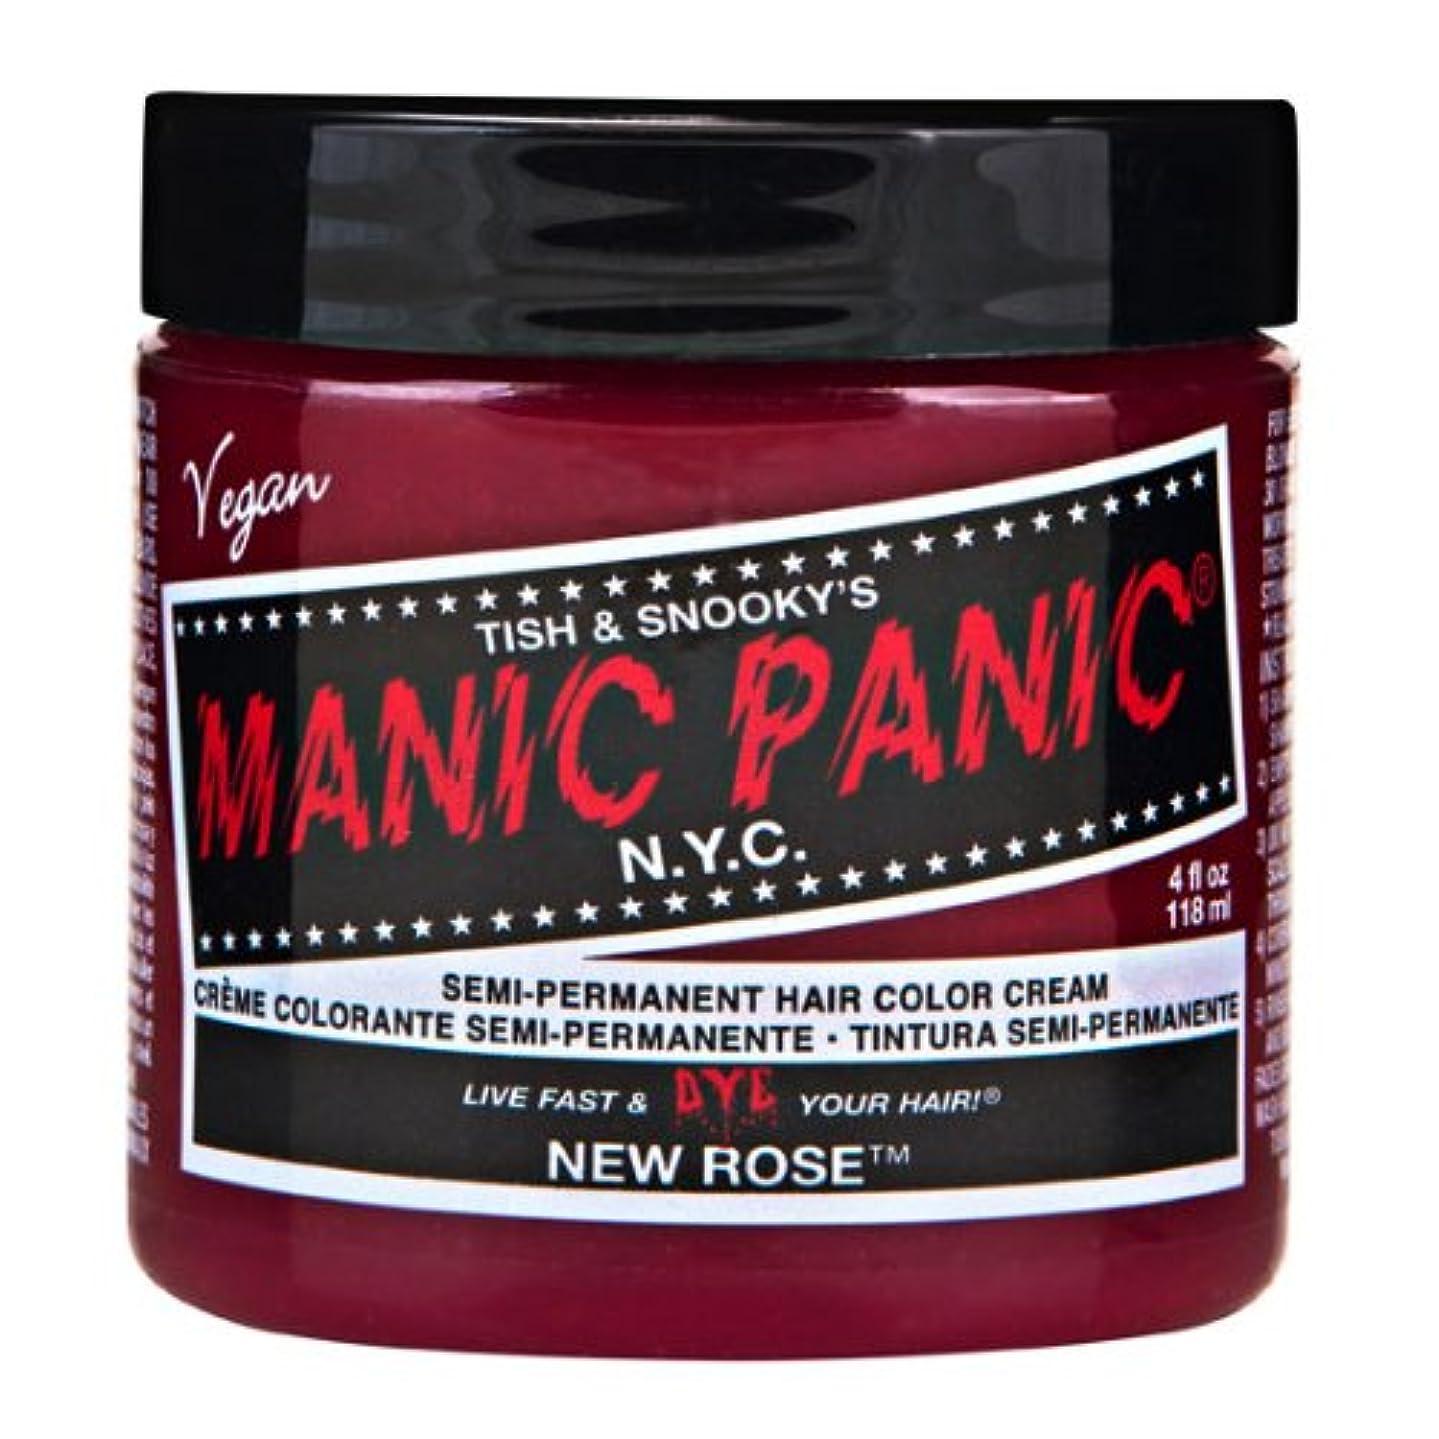 プレミアムパノラマカウボーイスペシャルセットMANIC PANICマニックパニック:New Rose (ニューローズ)+ヘアカラーケア4点セット